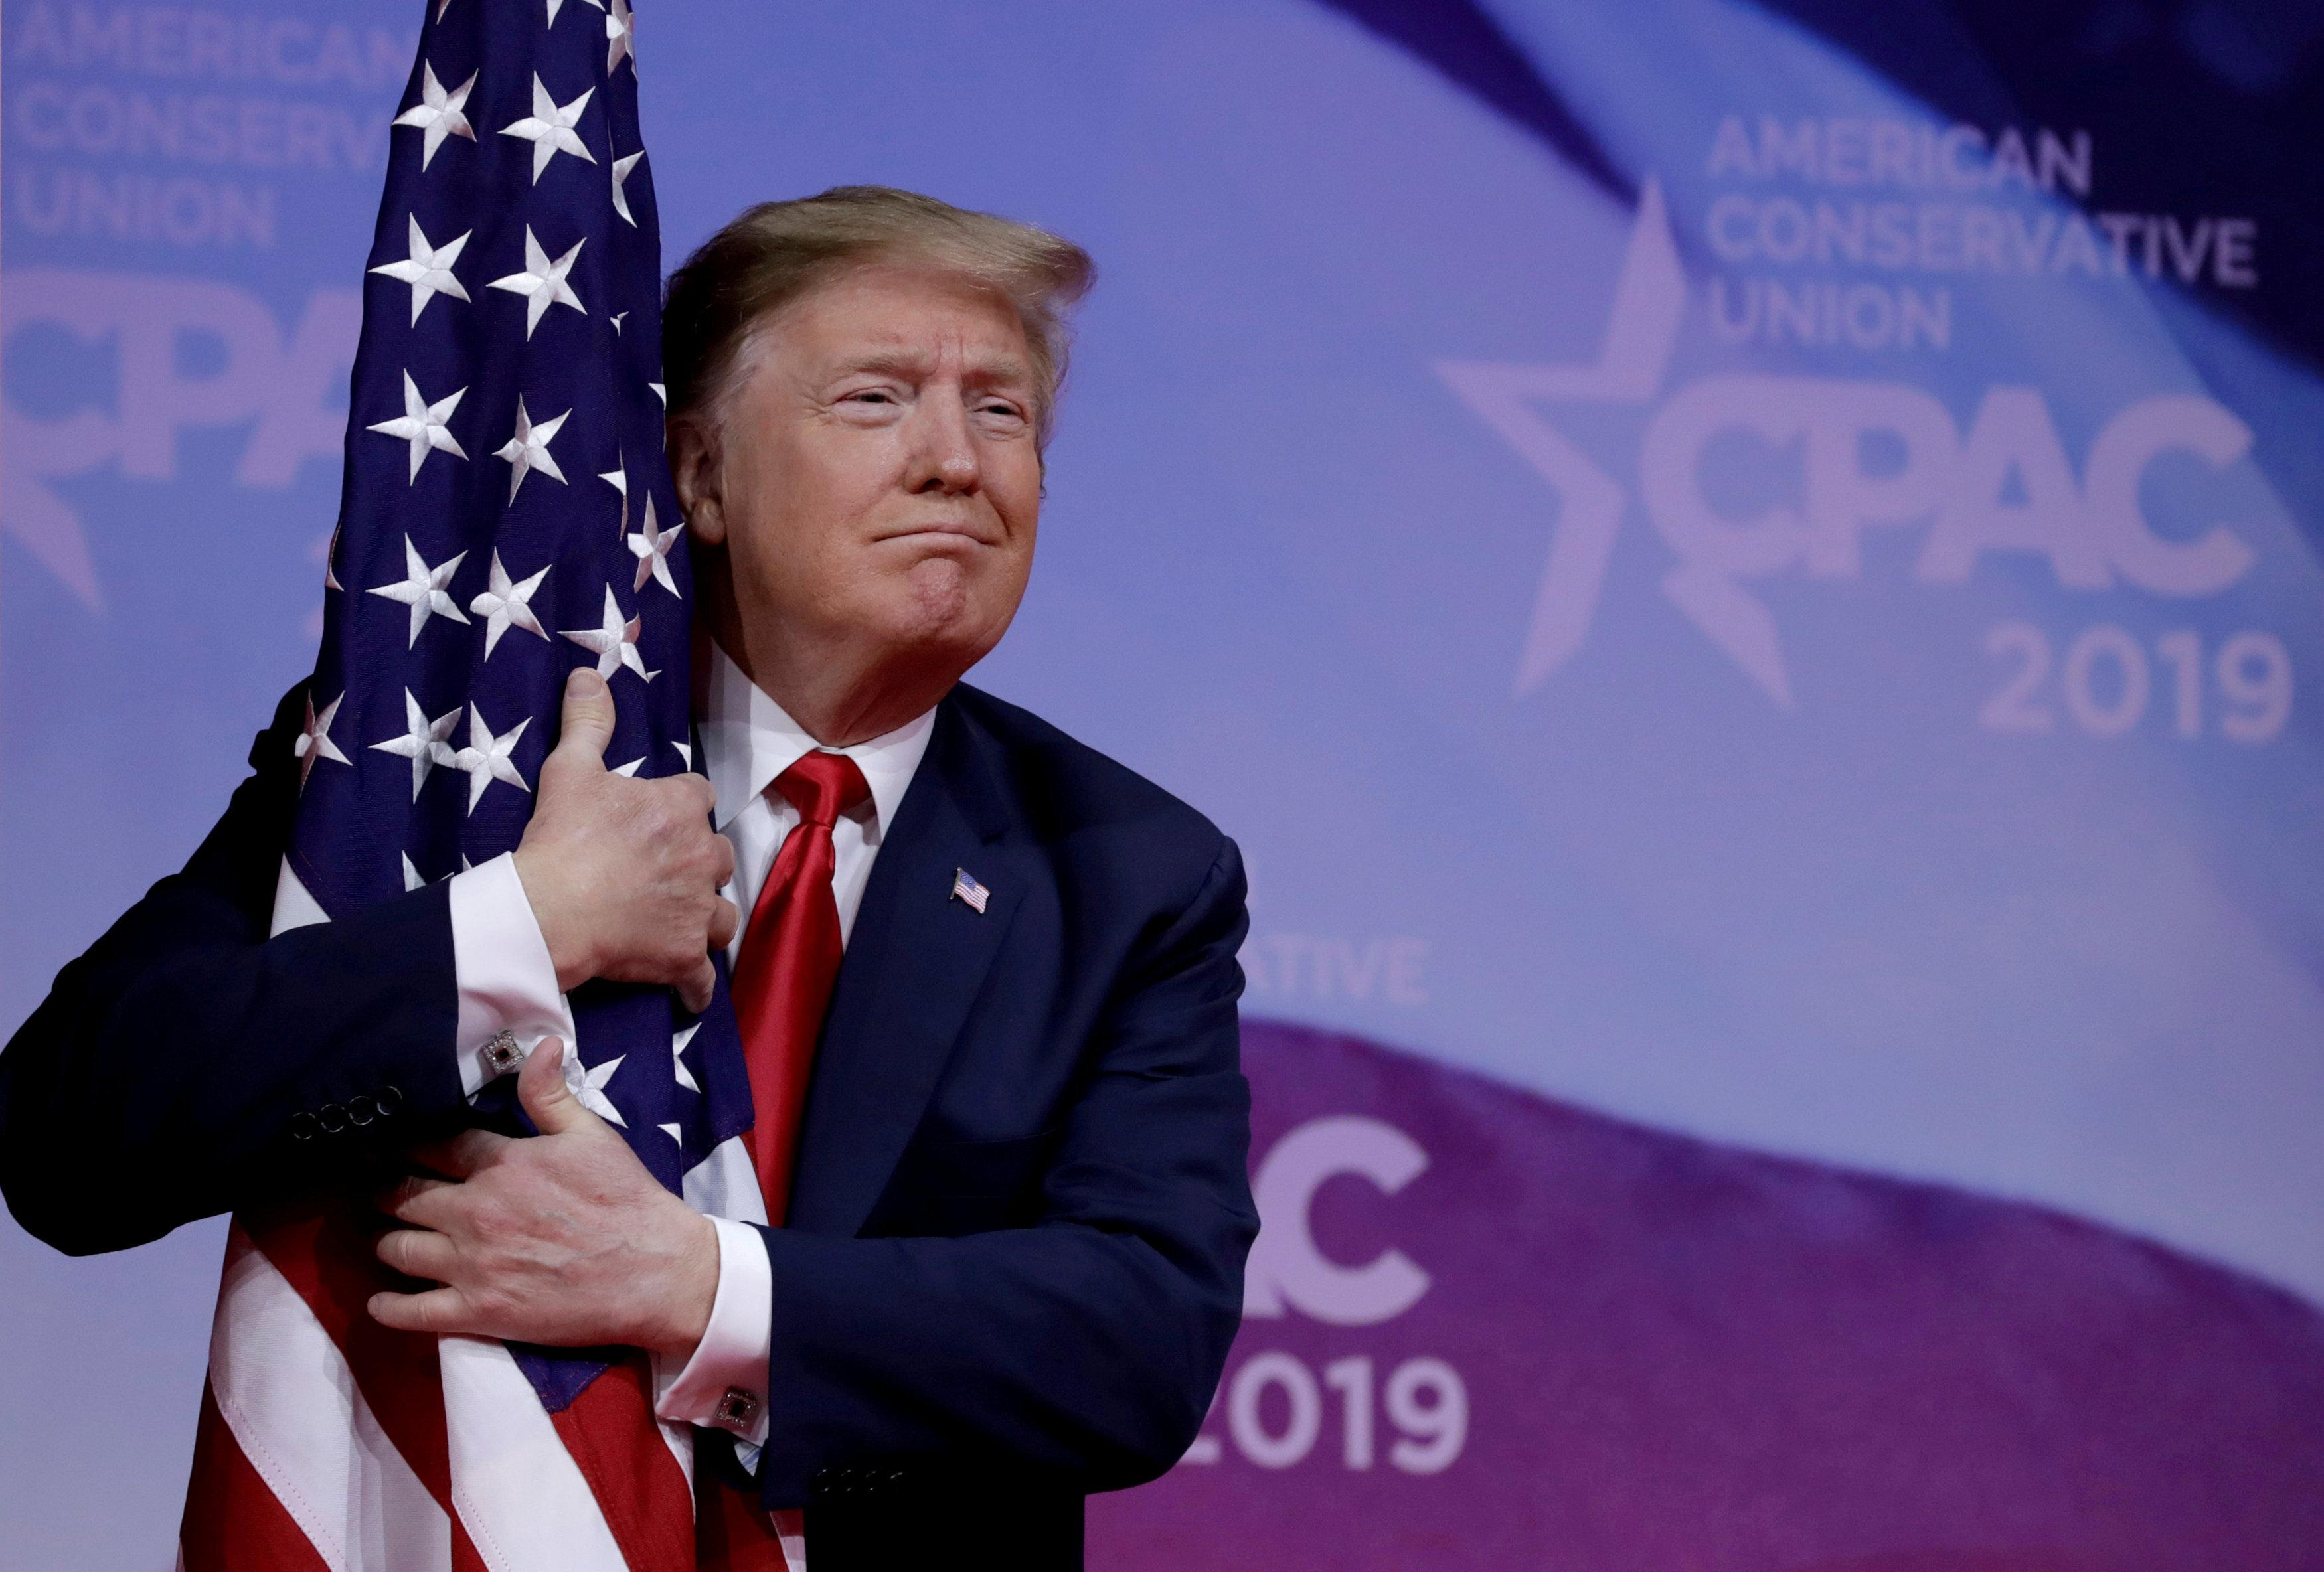 ABD Temsilciler Meclisi üyesinden Trumpın damadına Kaşıkçı suçlaması 30